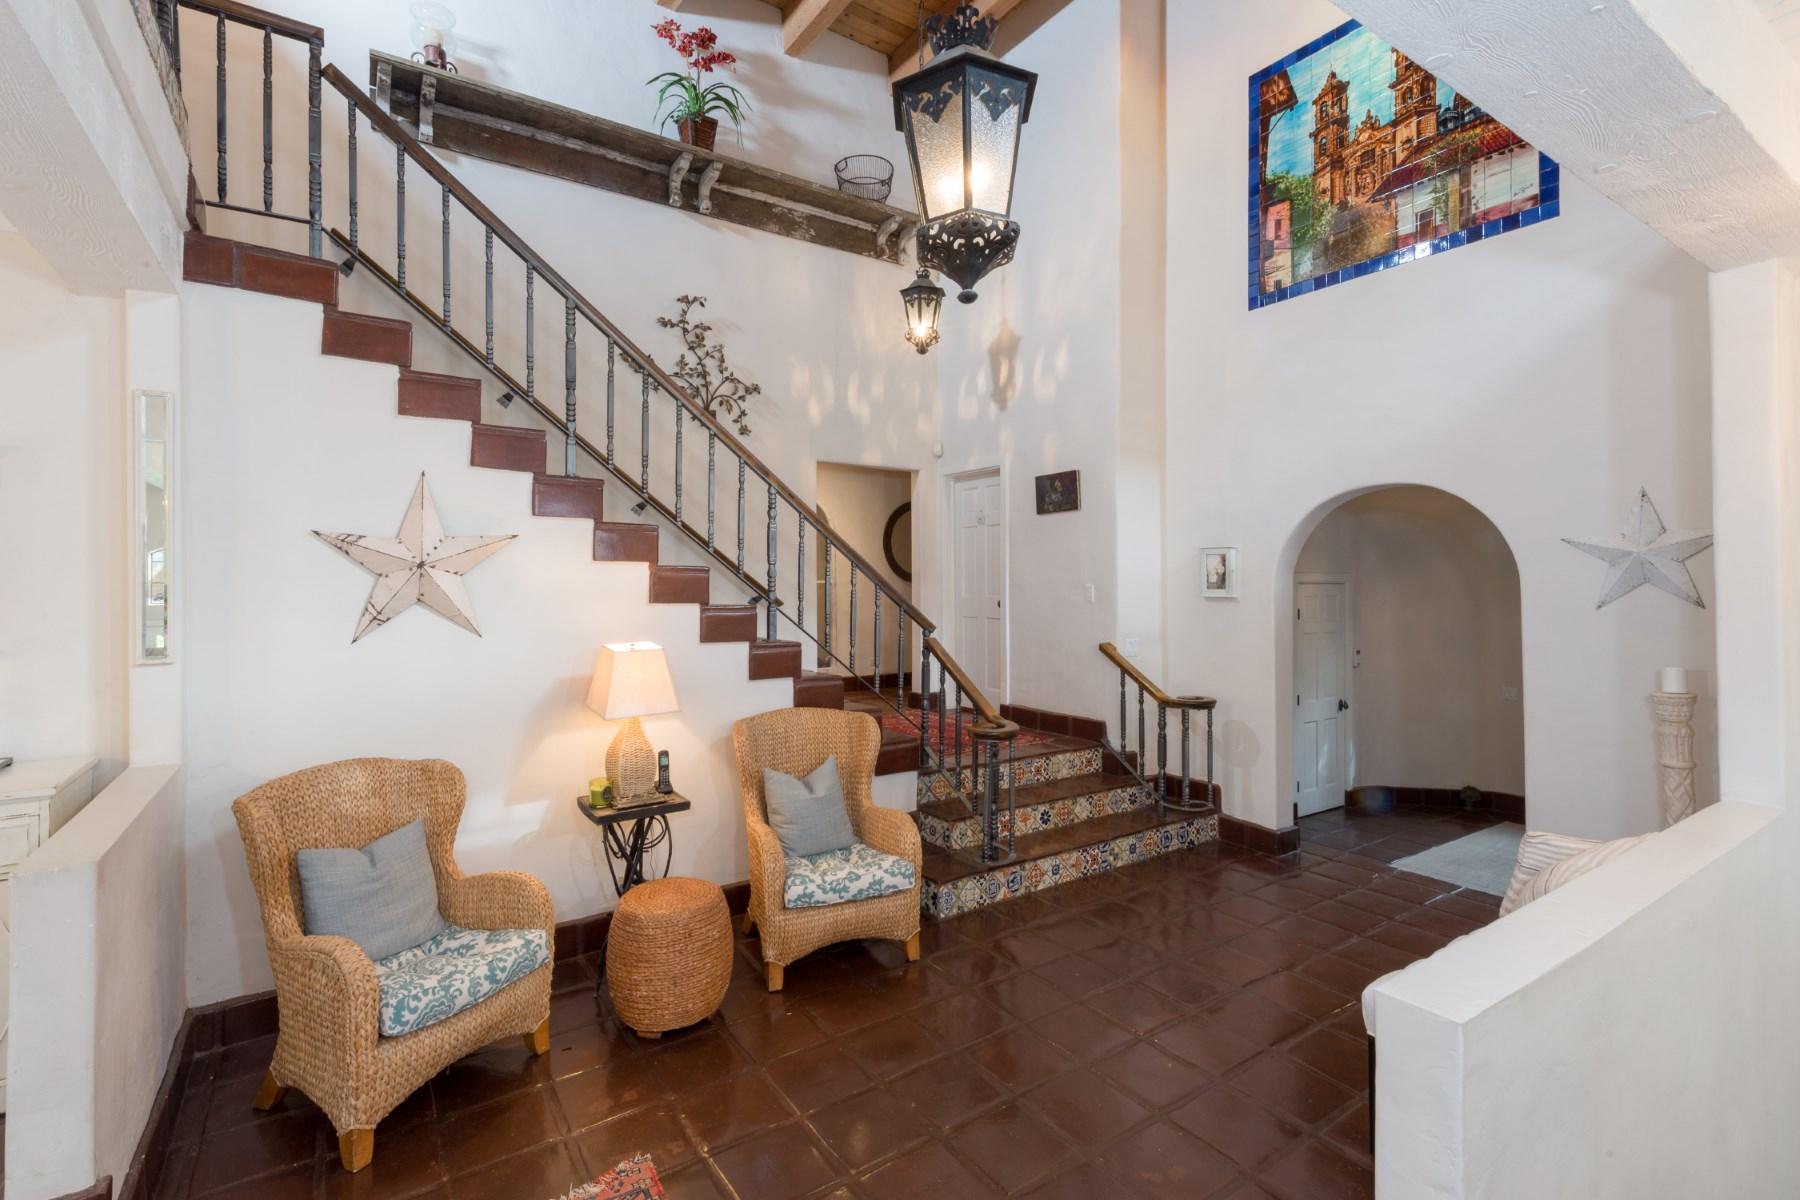 Maison unifamiliale pour l Location à Exclusive Malibu Spanish Retreat 6100 Via Escondido Drive Malibu, Californie 90265 États-Unis